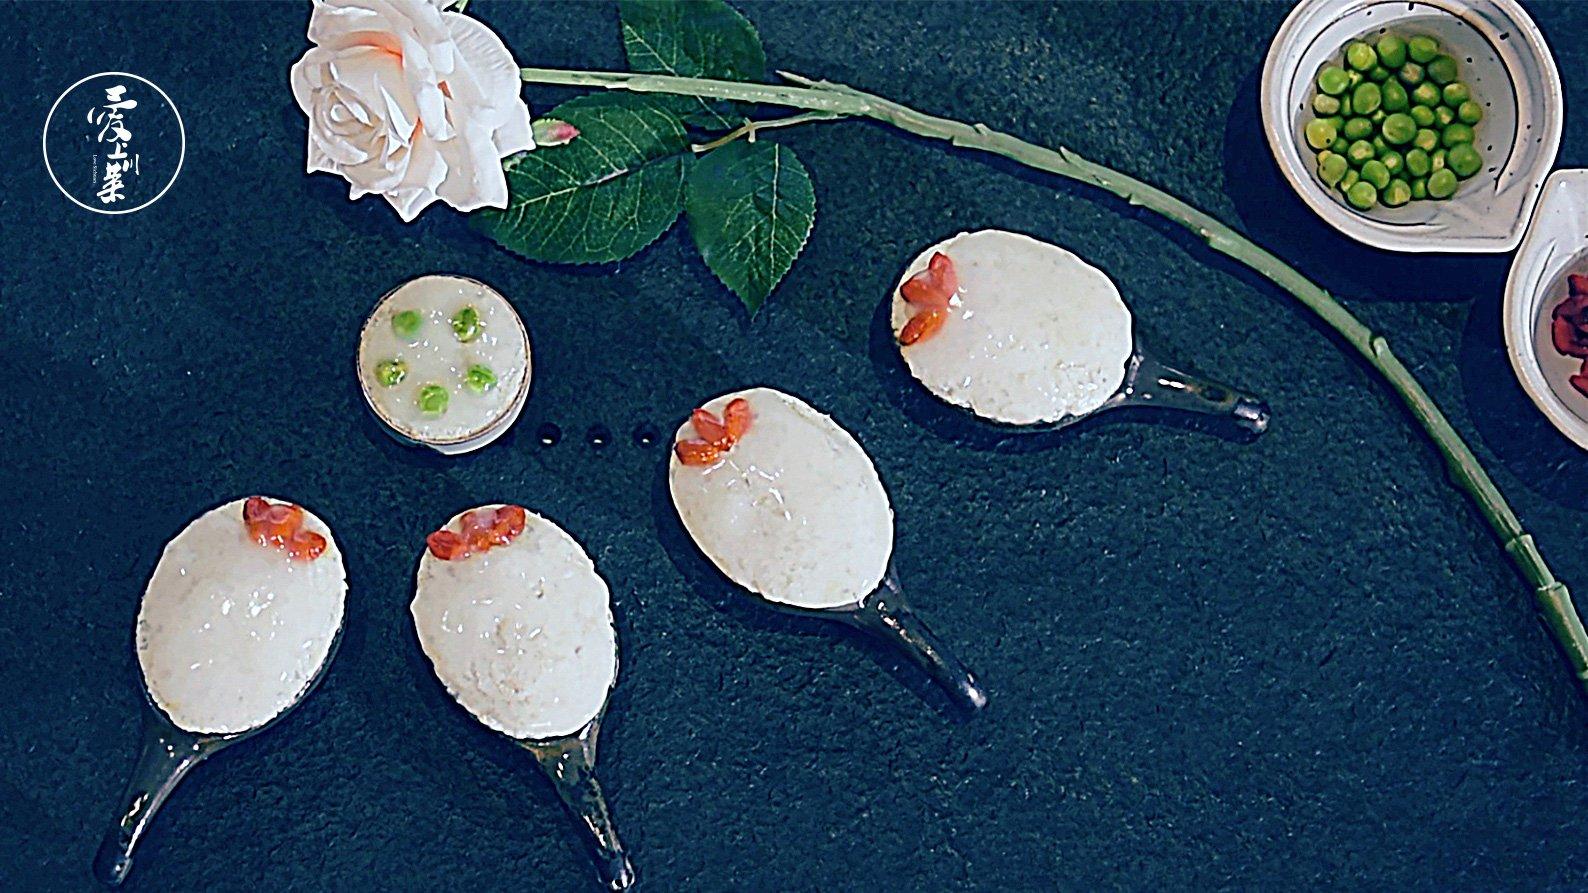 爱上川菜043:瑜伽美女的荷包豆腐